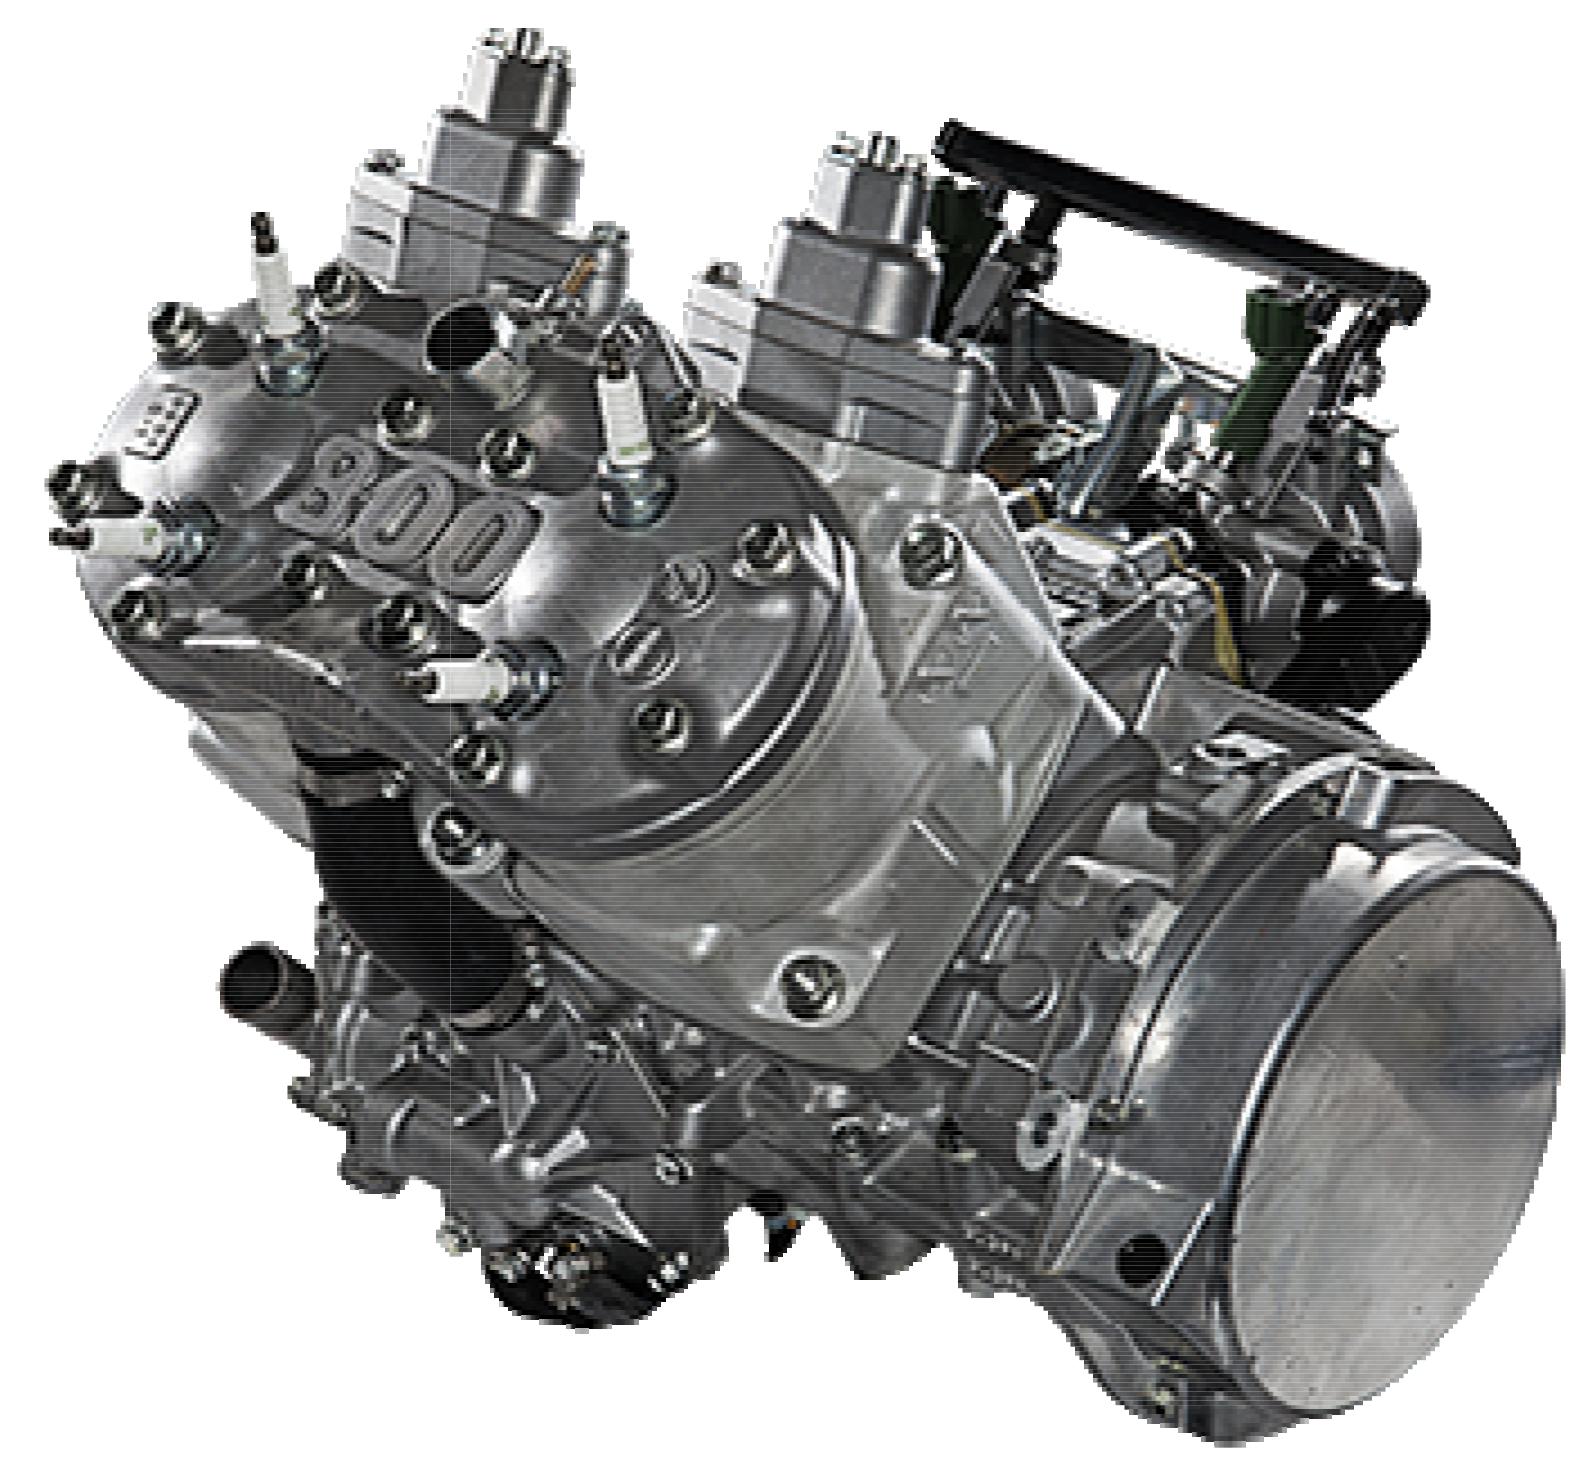 Le Mosquito XE285 est doté d'un moteur Inntec 800 refroidi à l'eau d'une puissance de 62Kw soit ...